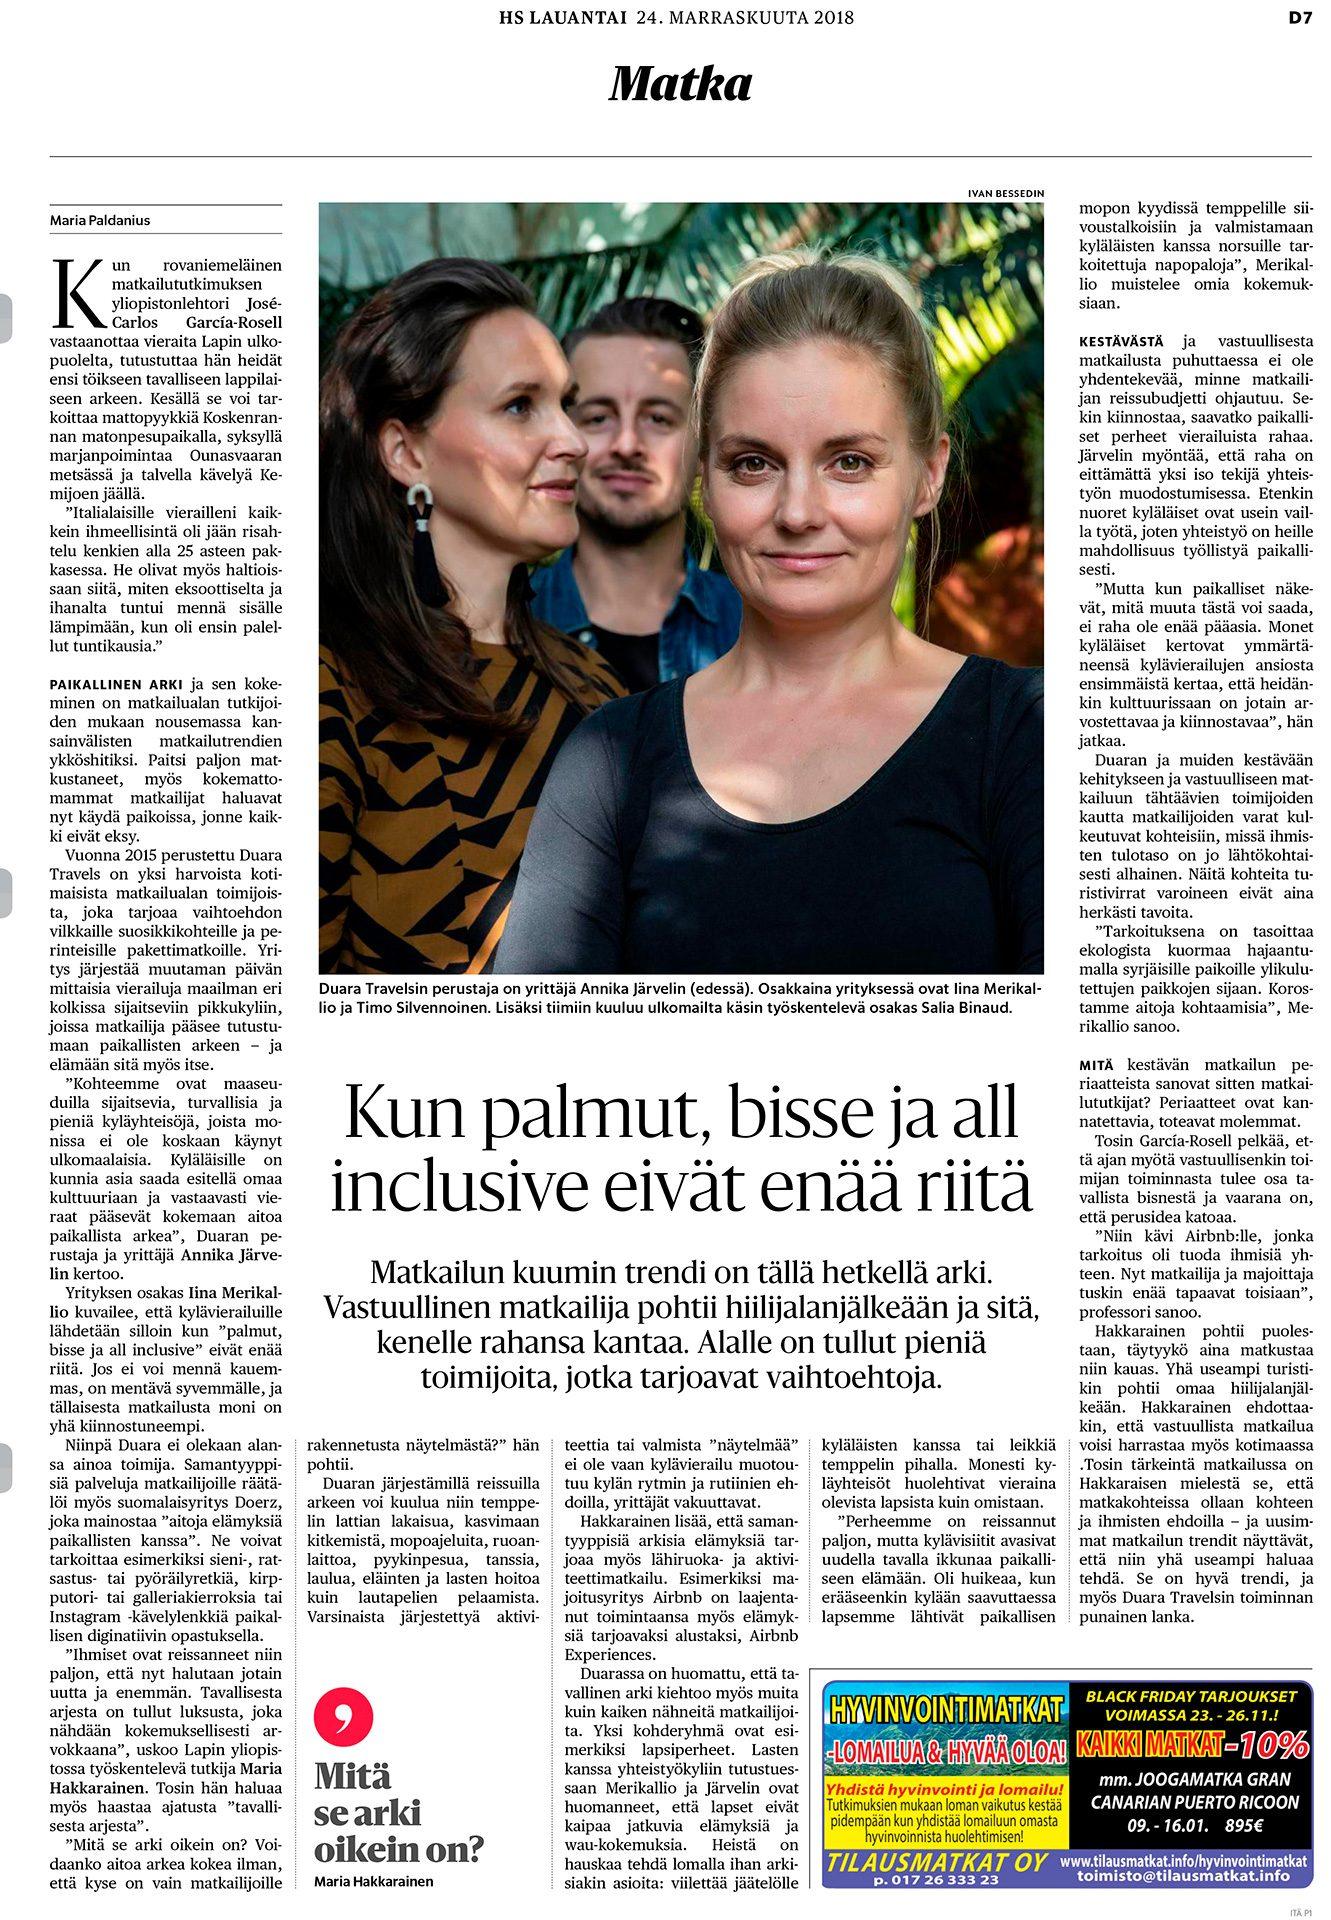 Helsingin Sanomat, Duara Travel Annika Järvelin, Iina Merikallio, Timo Silvennoinen, yrittäjät